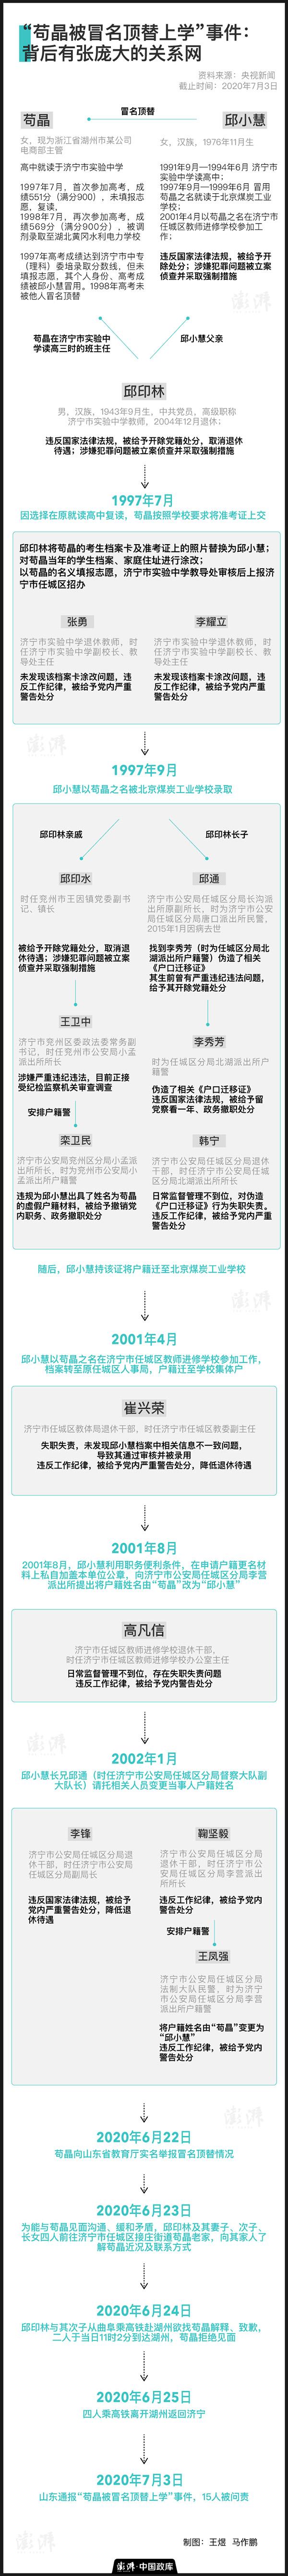 """【百度搜索框】_""""苟晶被冒名顶替上学事件"""":背后有张庞大的关系网"""